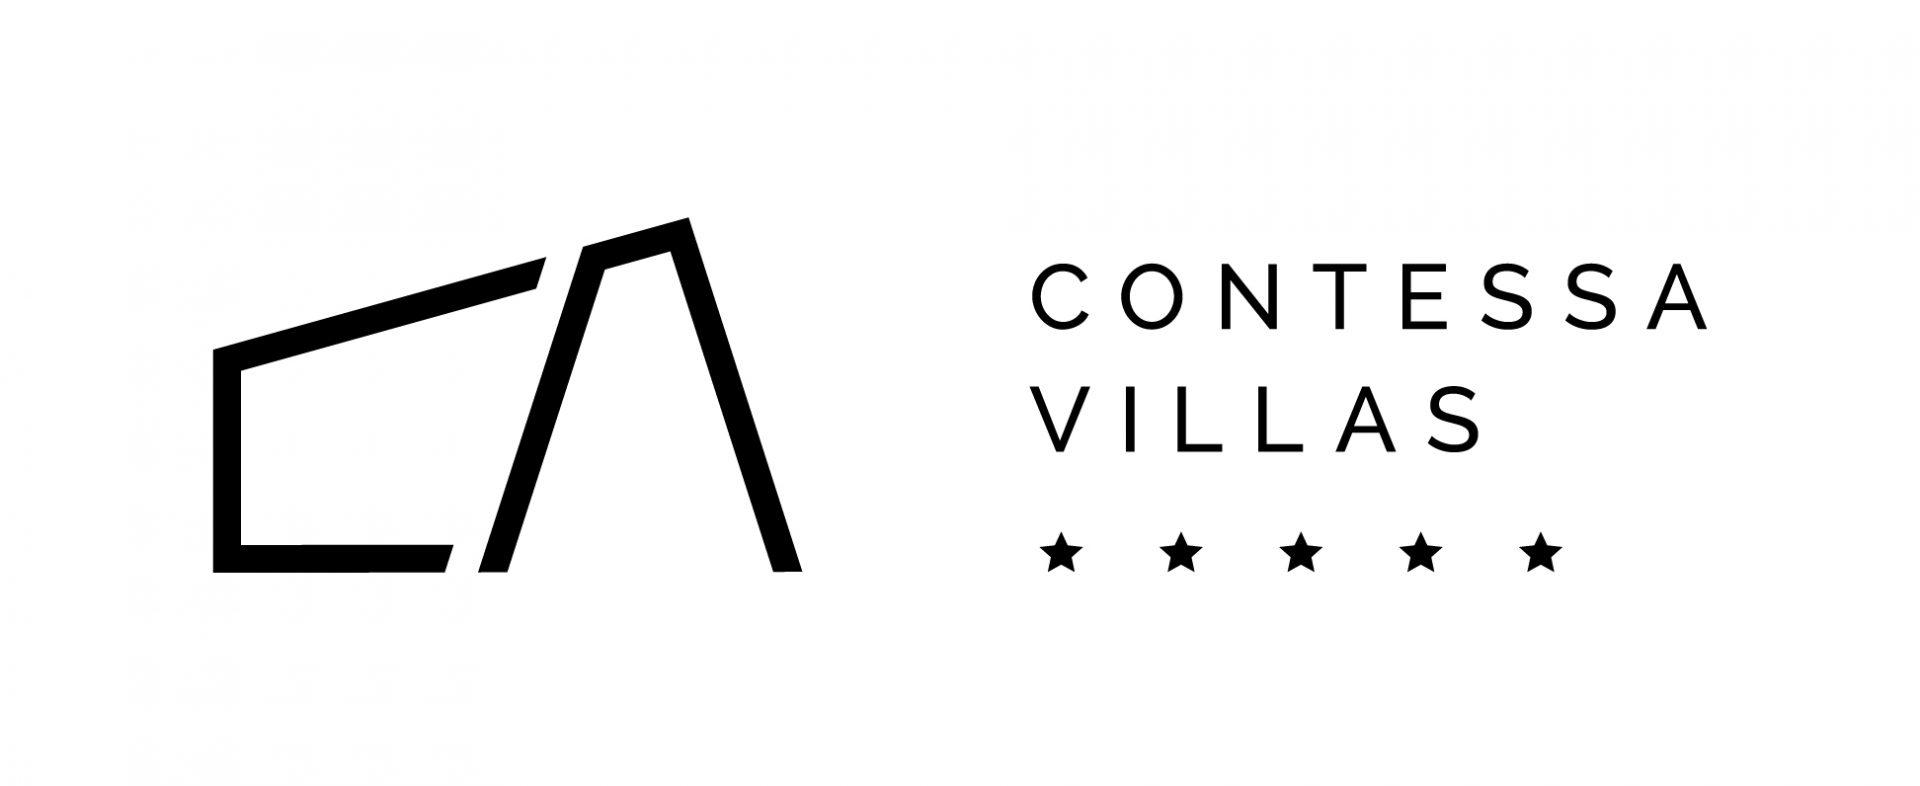 Uvrstite svoju vilu u Contessinu ponudu. Stvorit ćemo najbolju priču i prezentirati je kroz nekoliko zanimljivih kategorija